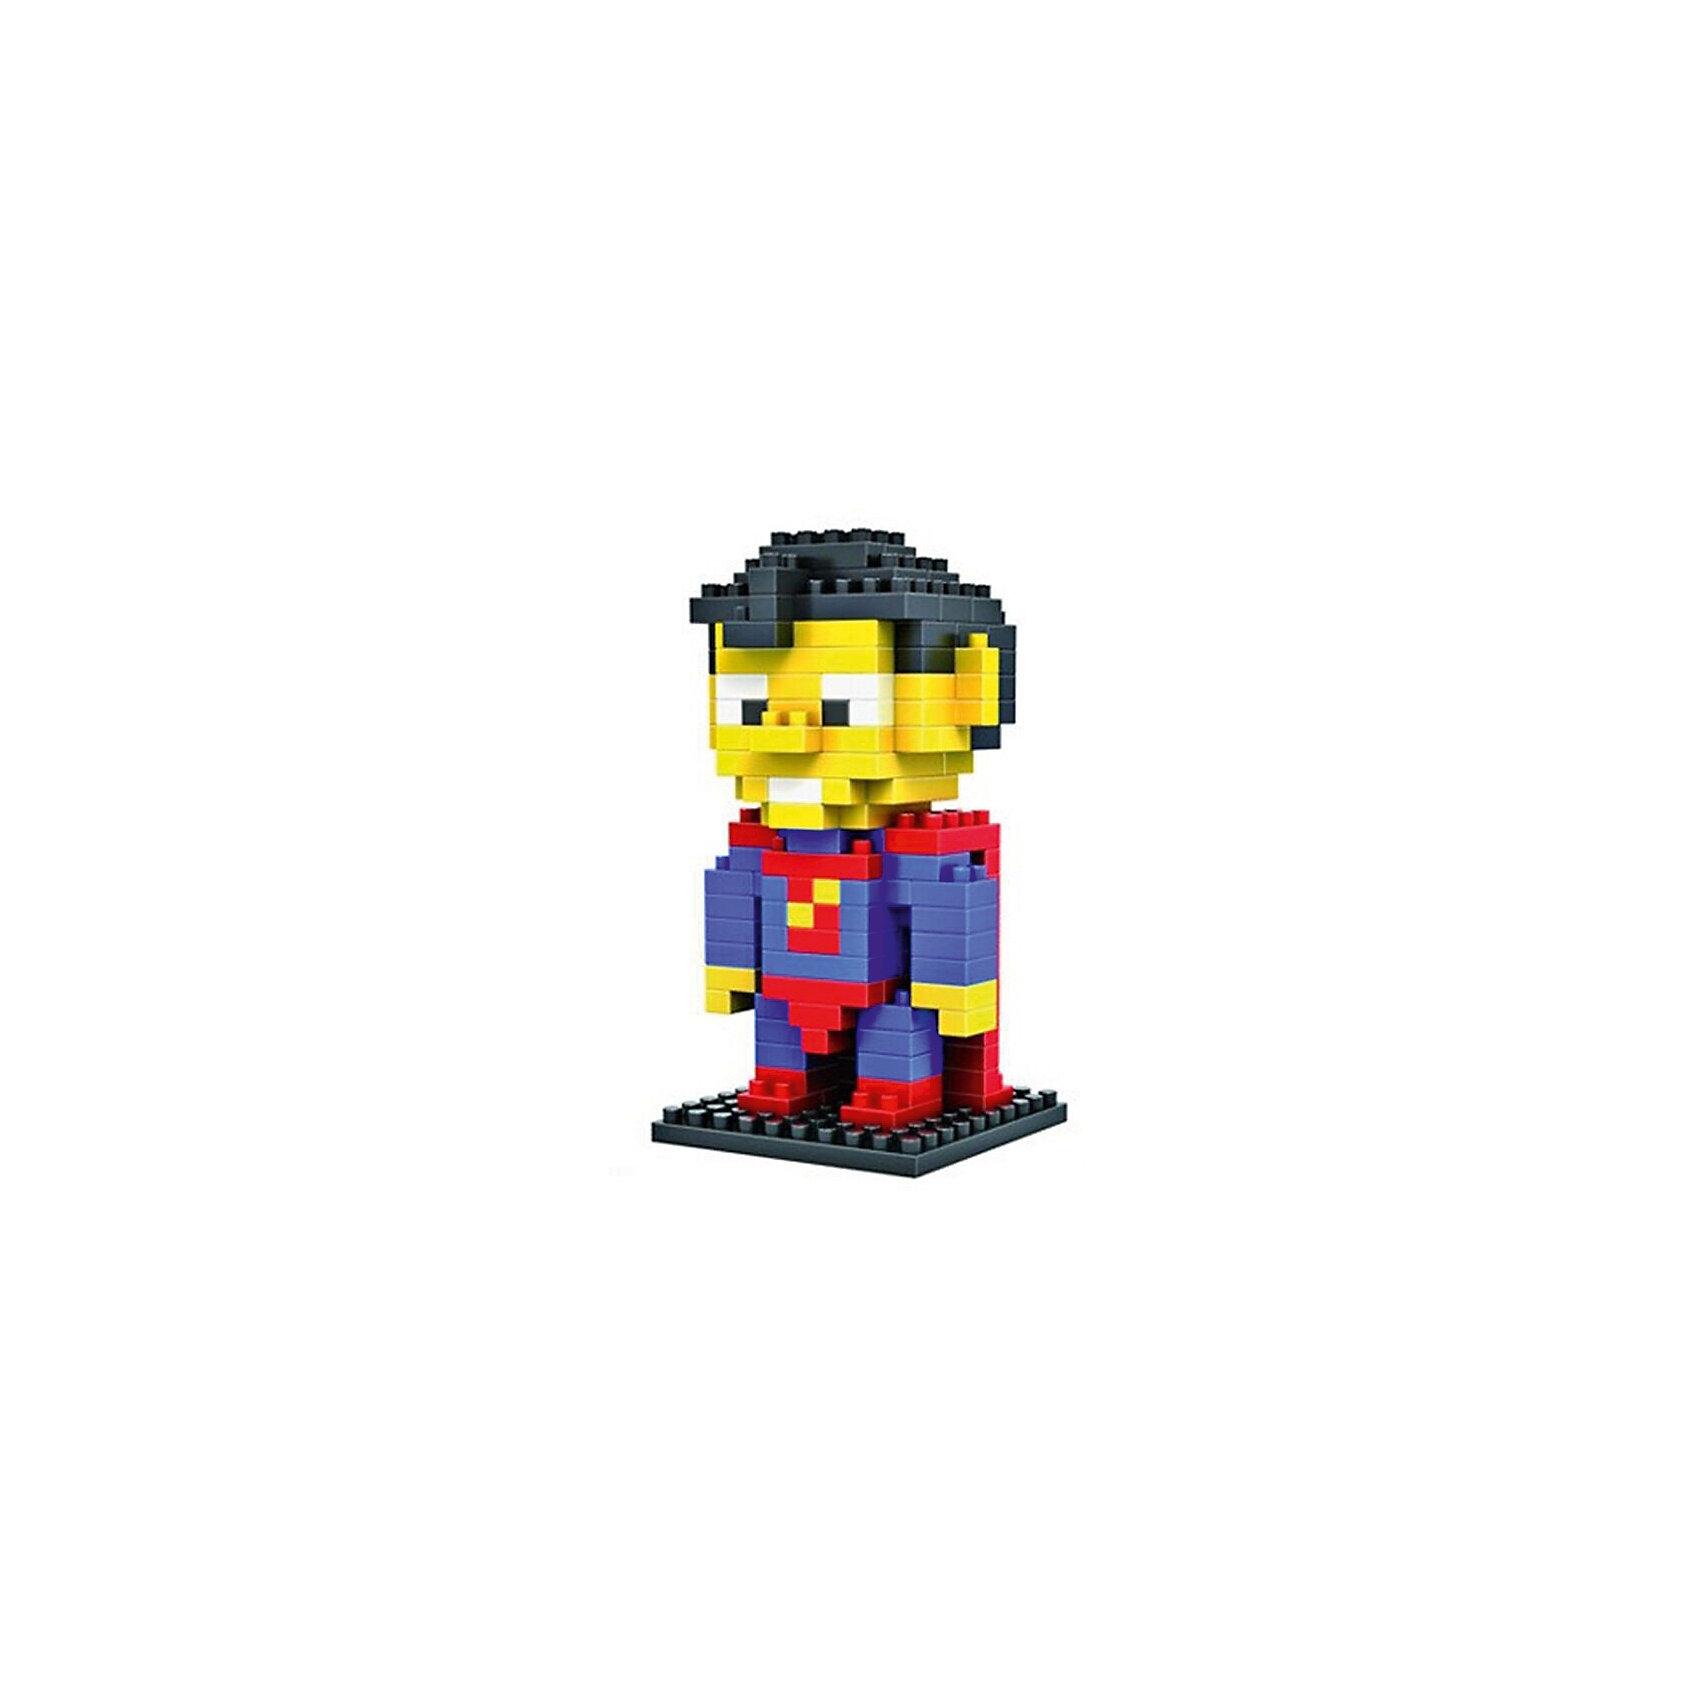 Конструктор Супер Мужик (Супермен), LozПластмассовые конструкторы<br>Конструктор Супер Мужик, Loz<br><br>Конструкторы компании Loz - это необычные конструкторы. Они состоят из множества маленьких деталей - наноблоков. Конструктор Diamond Block Супер Мужик - один из конструкторов подарочной серии. Это настоящая головоломка, так как для того чтобы собрать модель, Вам потребуется пара часов и немало терпения. Результатом работы станет забавная фигурка популярного героя из комиксов - Супер Мужика или, более известного нам Супермена.<br><br>В набор входит 150 деталей конструктора и подробная инструкция.<br><br>Ширина мм: 75<br>Глубина мм: 75<br>Высота мм: 75<br>Вес г: 60<br>Возраст от месяцев: 48<br>Возраст до месяцев: 192<br>Пол: Мужской<br>Возраст: Детский<br>SKU: 5124650